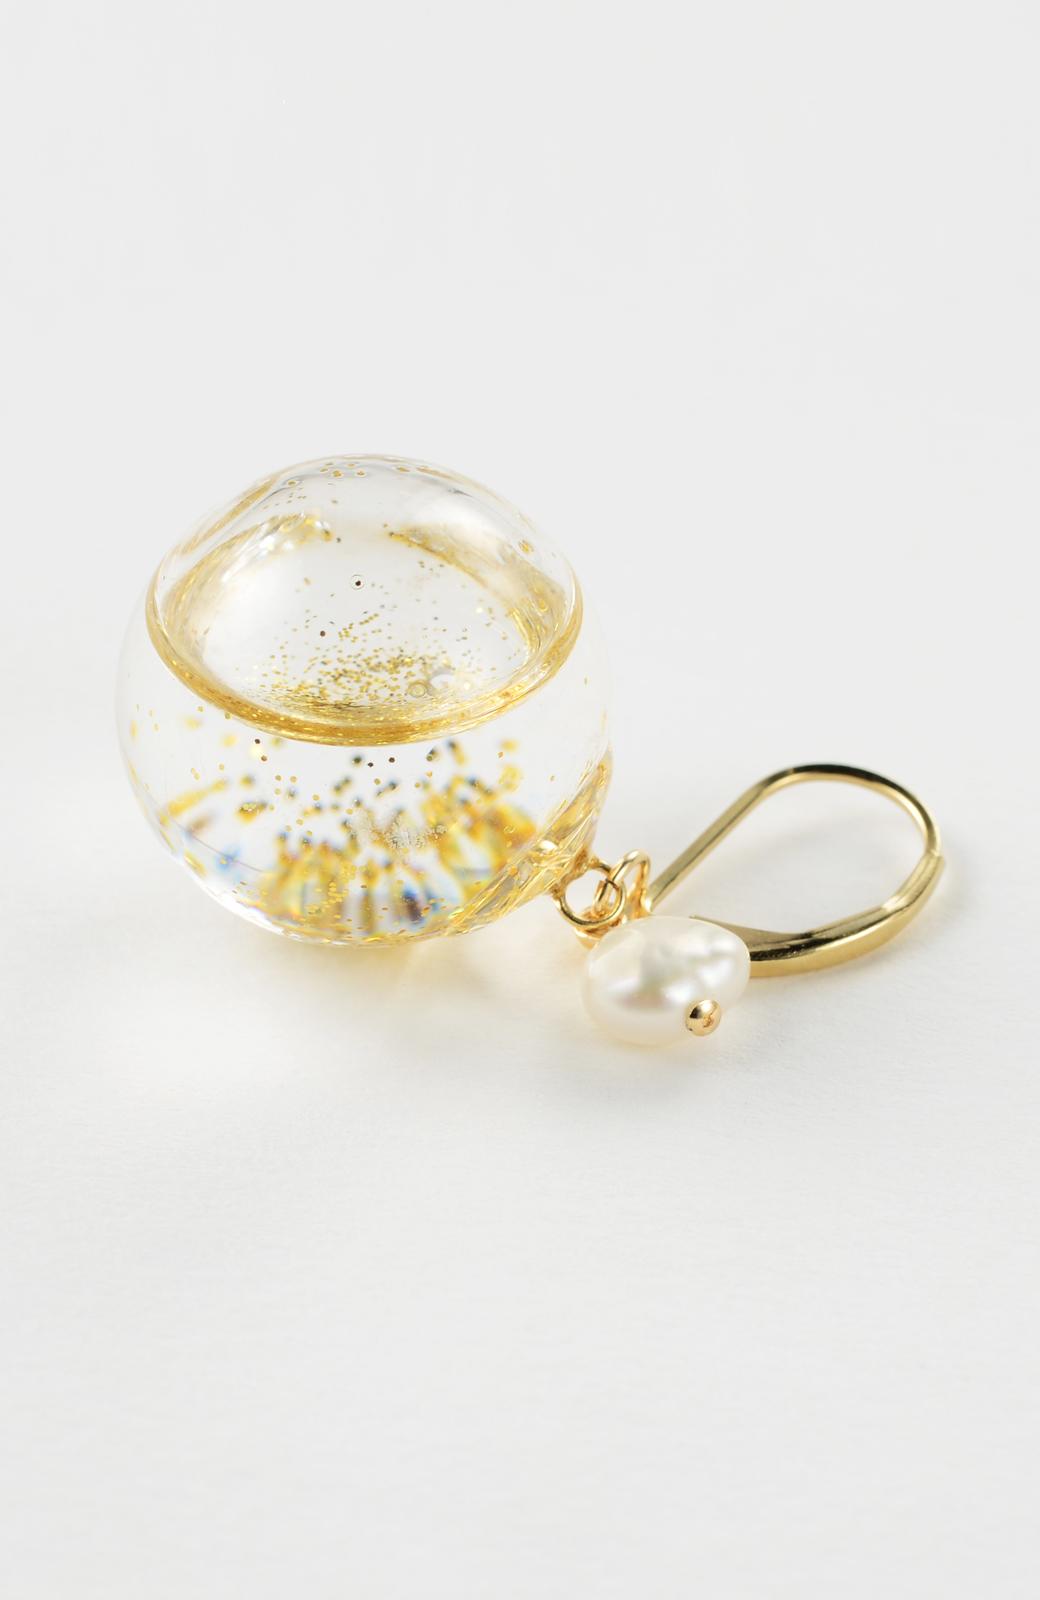 haco! てとひとて KANA MATSUNAMI チャリティー企画 Glass dome  French hookピアス <ゴールド>の商品写真5